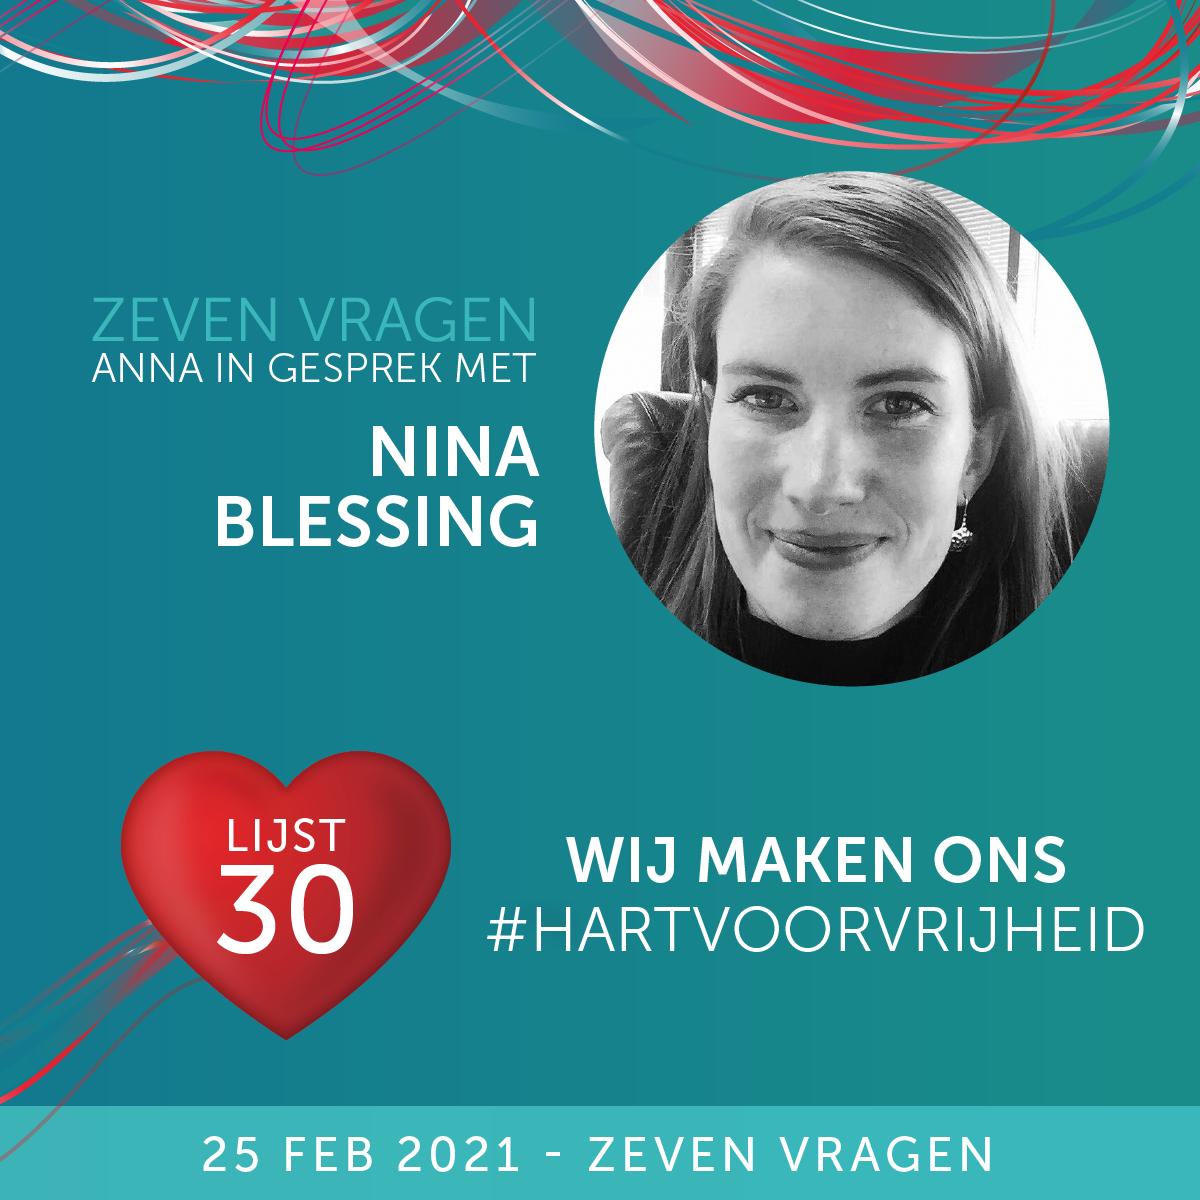 Zeven vragen - Nina Blessing